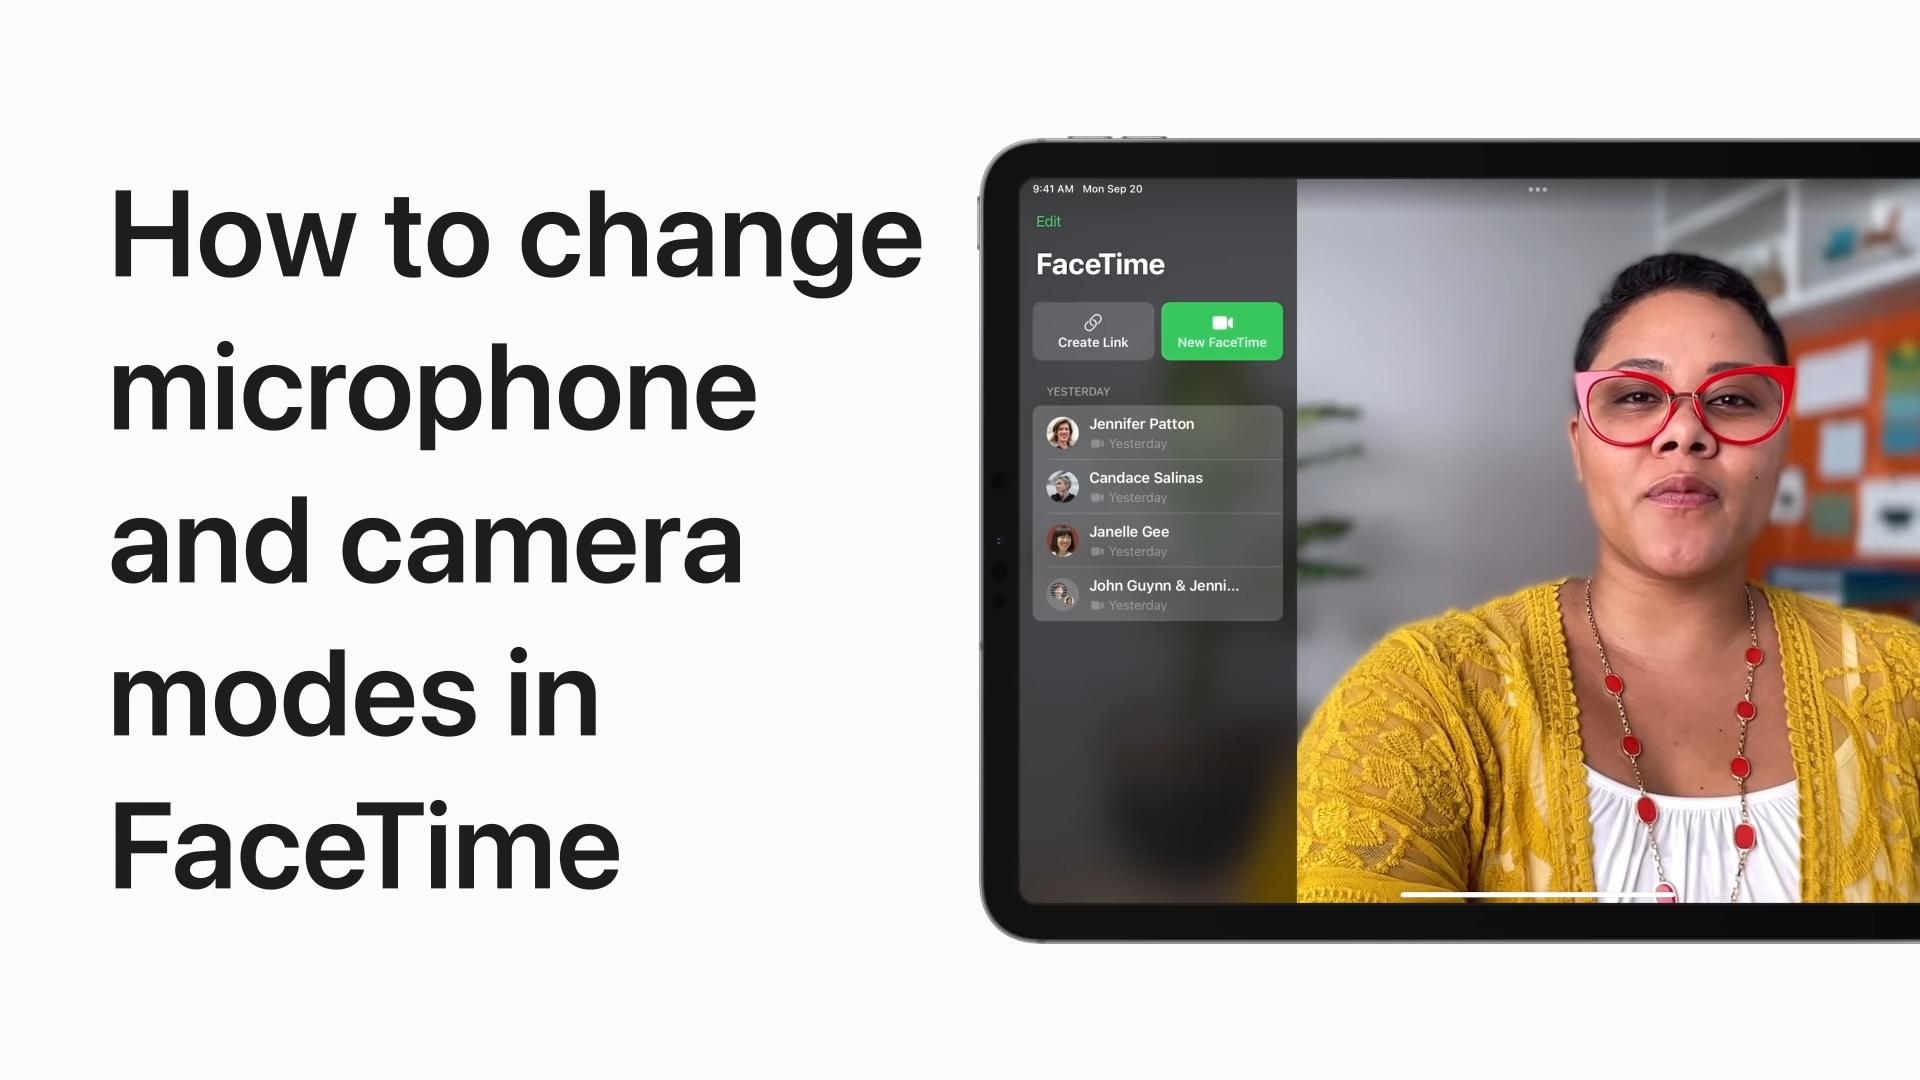 Poradnik Apple: Jak zarządzać mikrofonem oraz kamerą w FaceTime